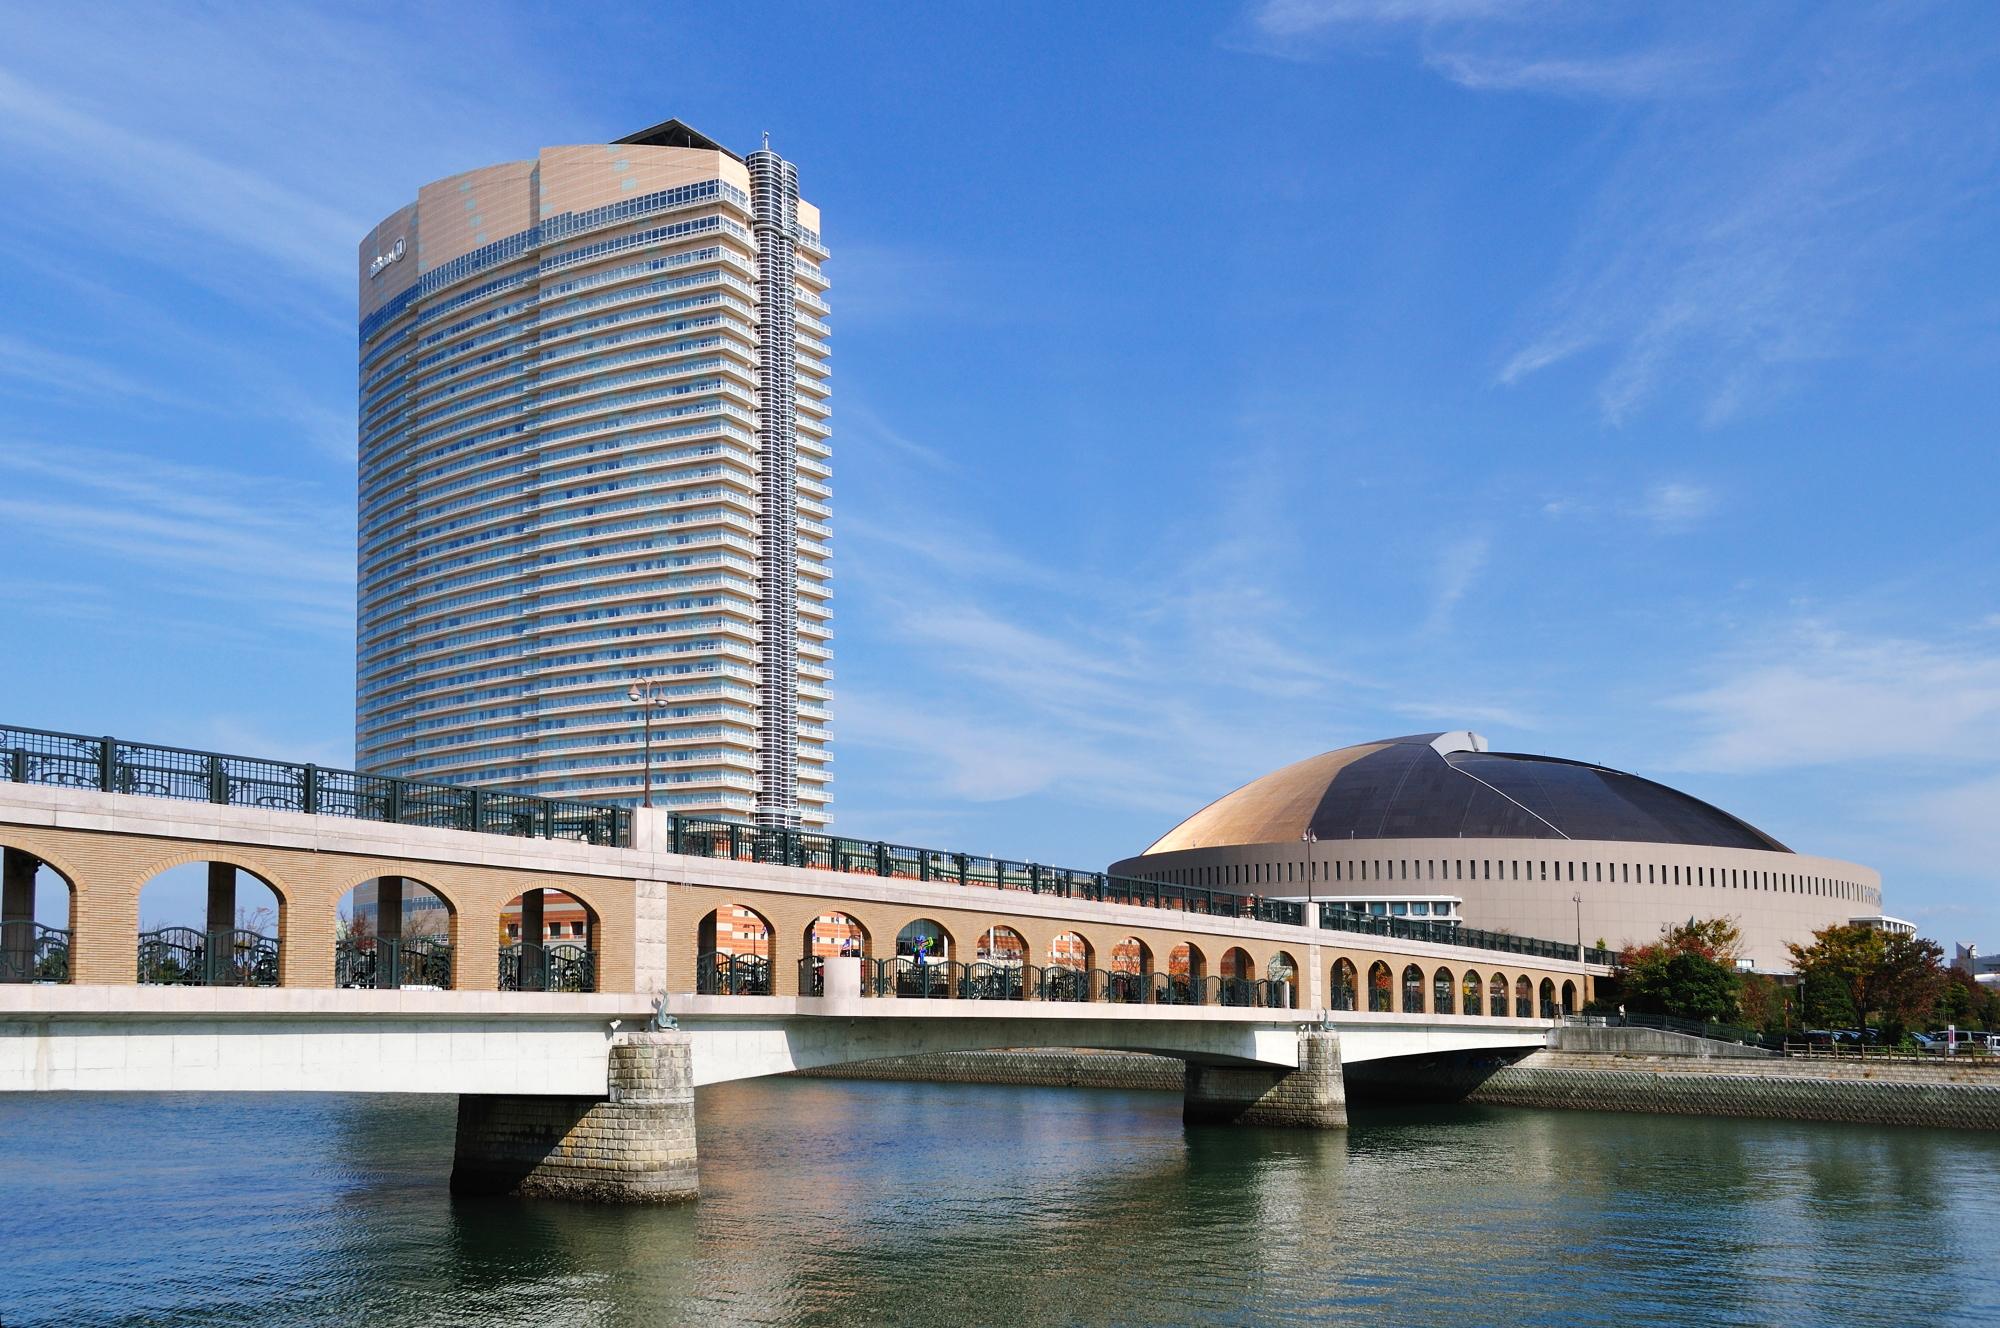 ヤフードームとシーホークホテル(2010)の画像